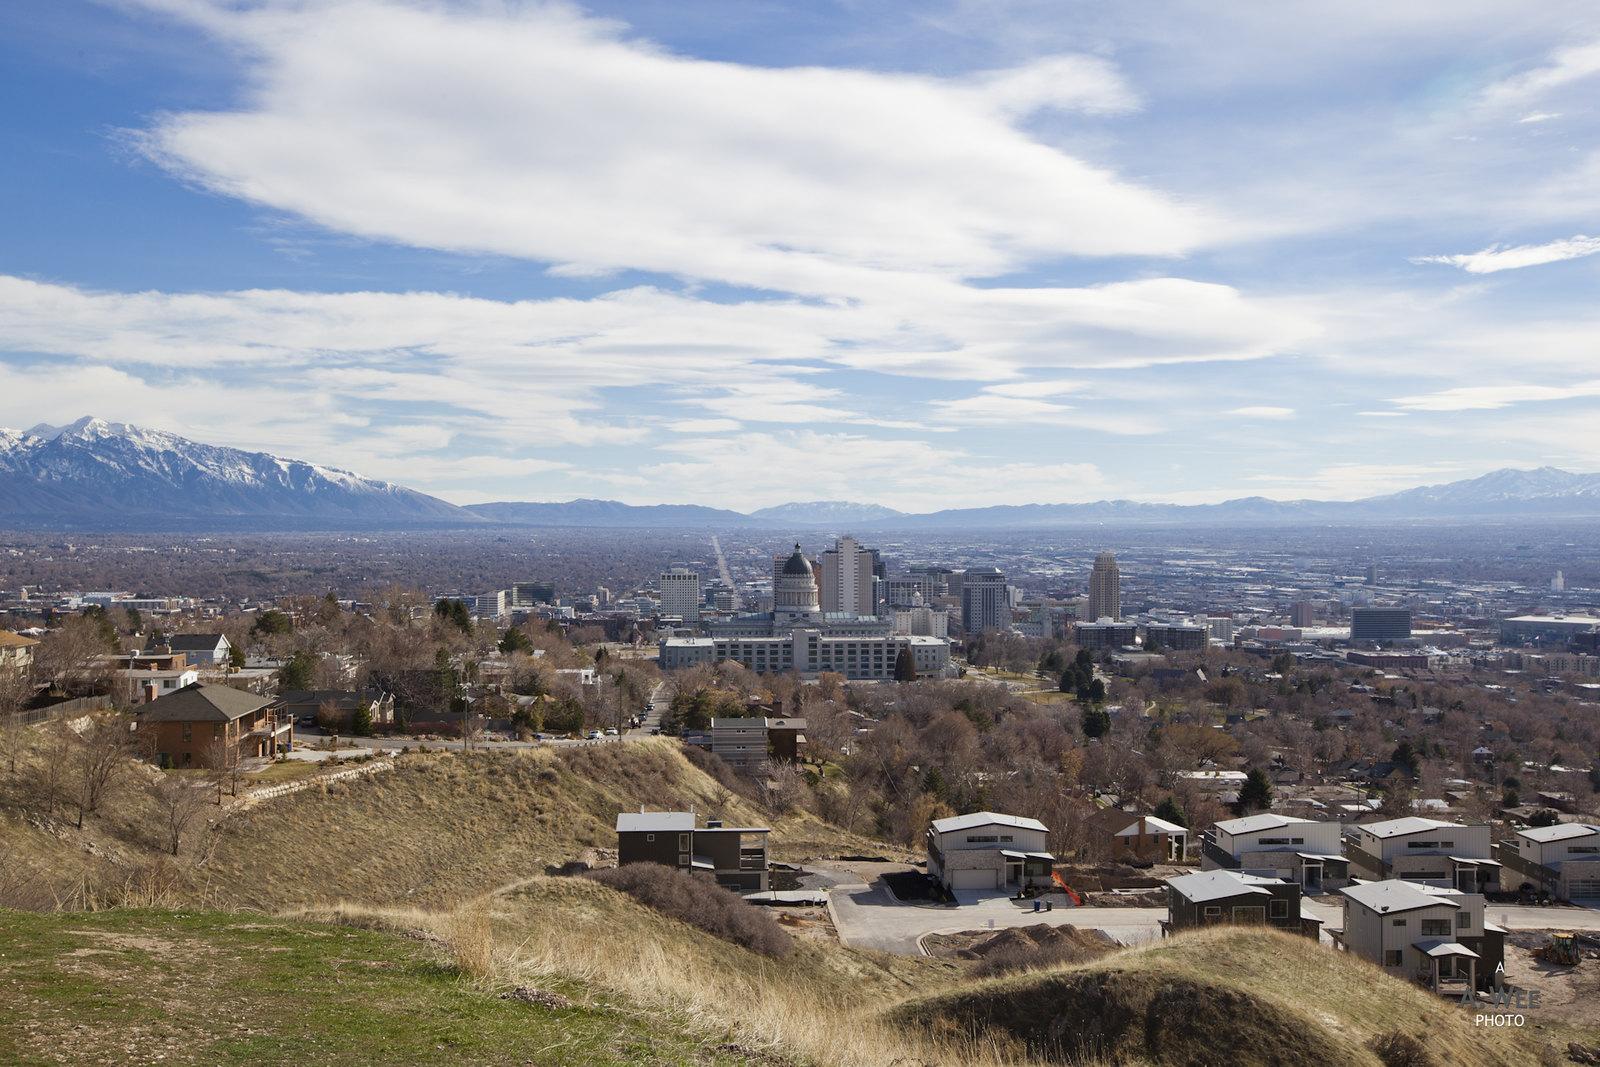 Panoramic view of Salt Lake City